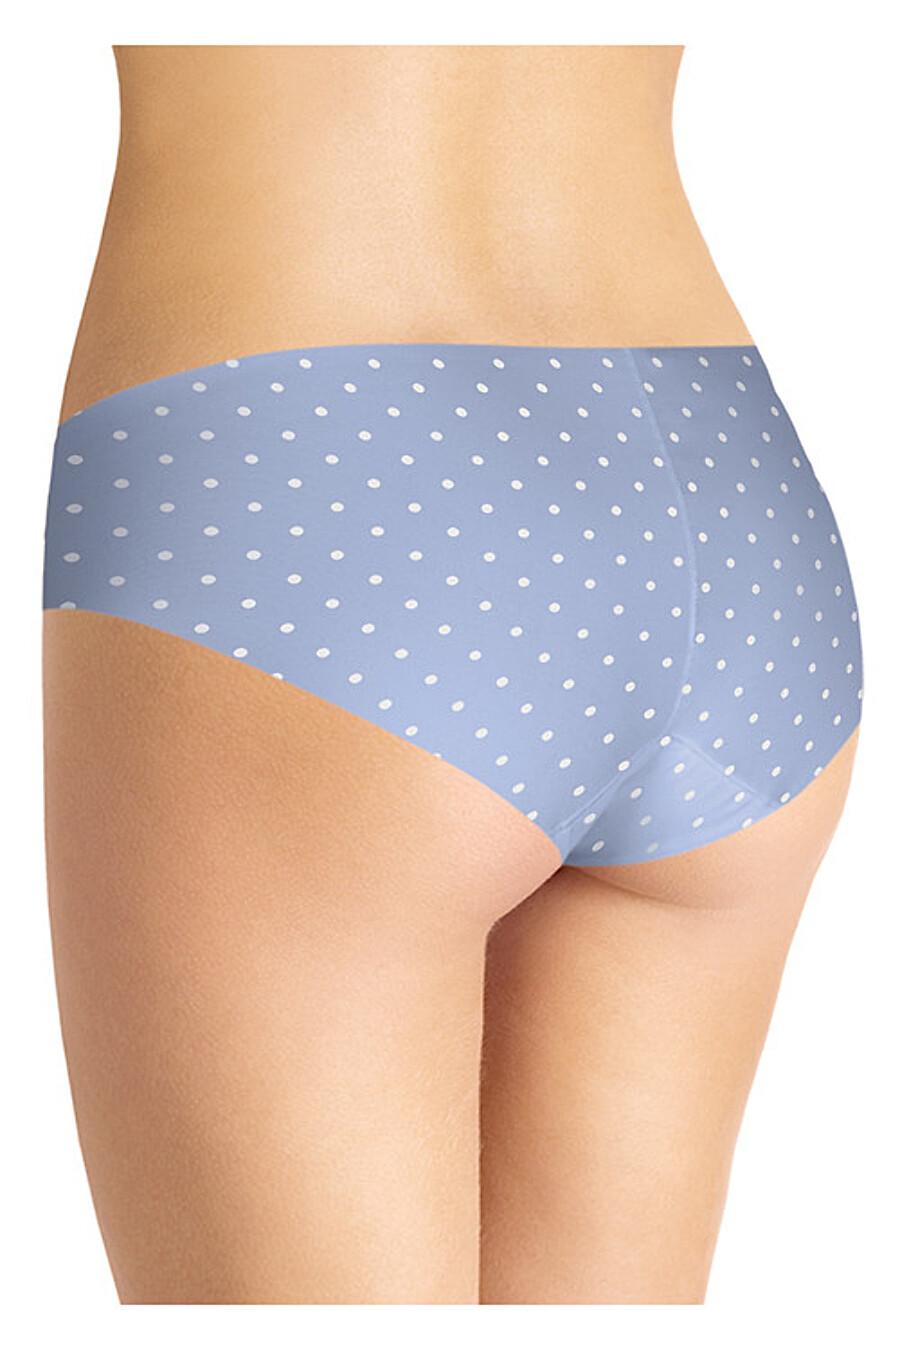 Трусы для женщин CLEVER 155122 купить оптом от производителя. Совместная покупка женской одежды в OptMoyo